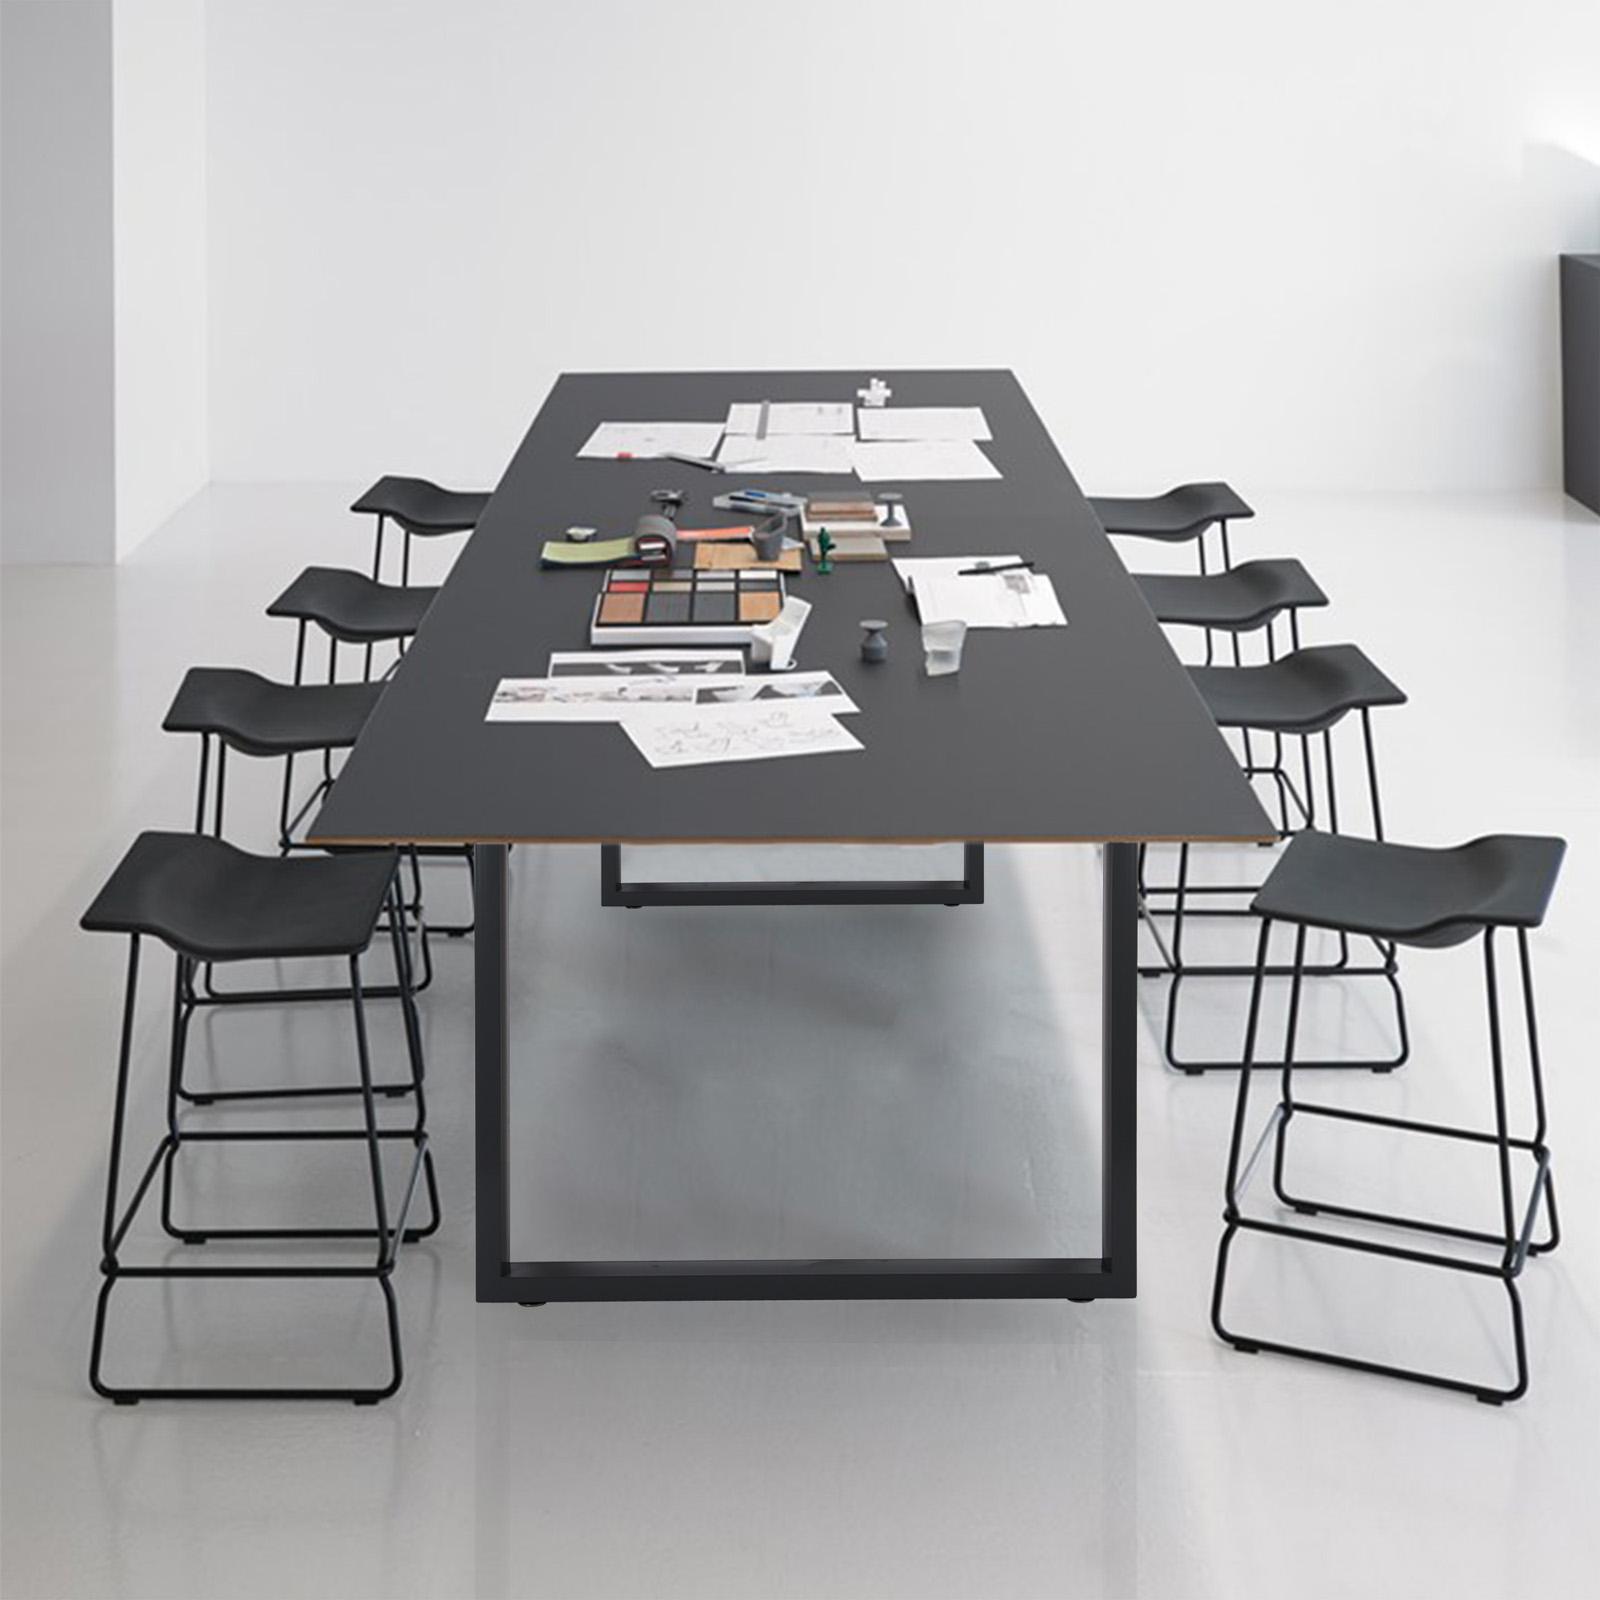 Pieds de table 12x12cm Noir Revêtement par poudre Support ...